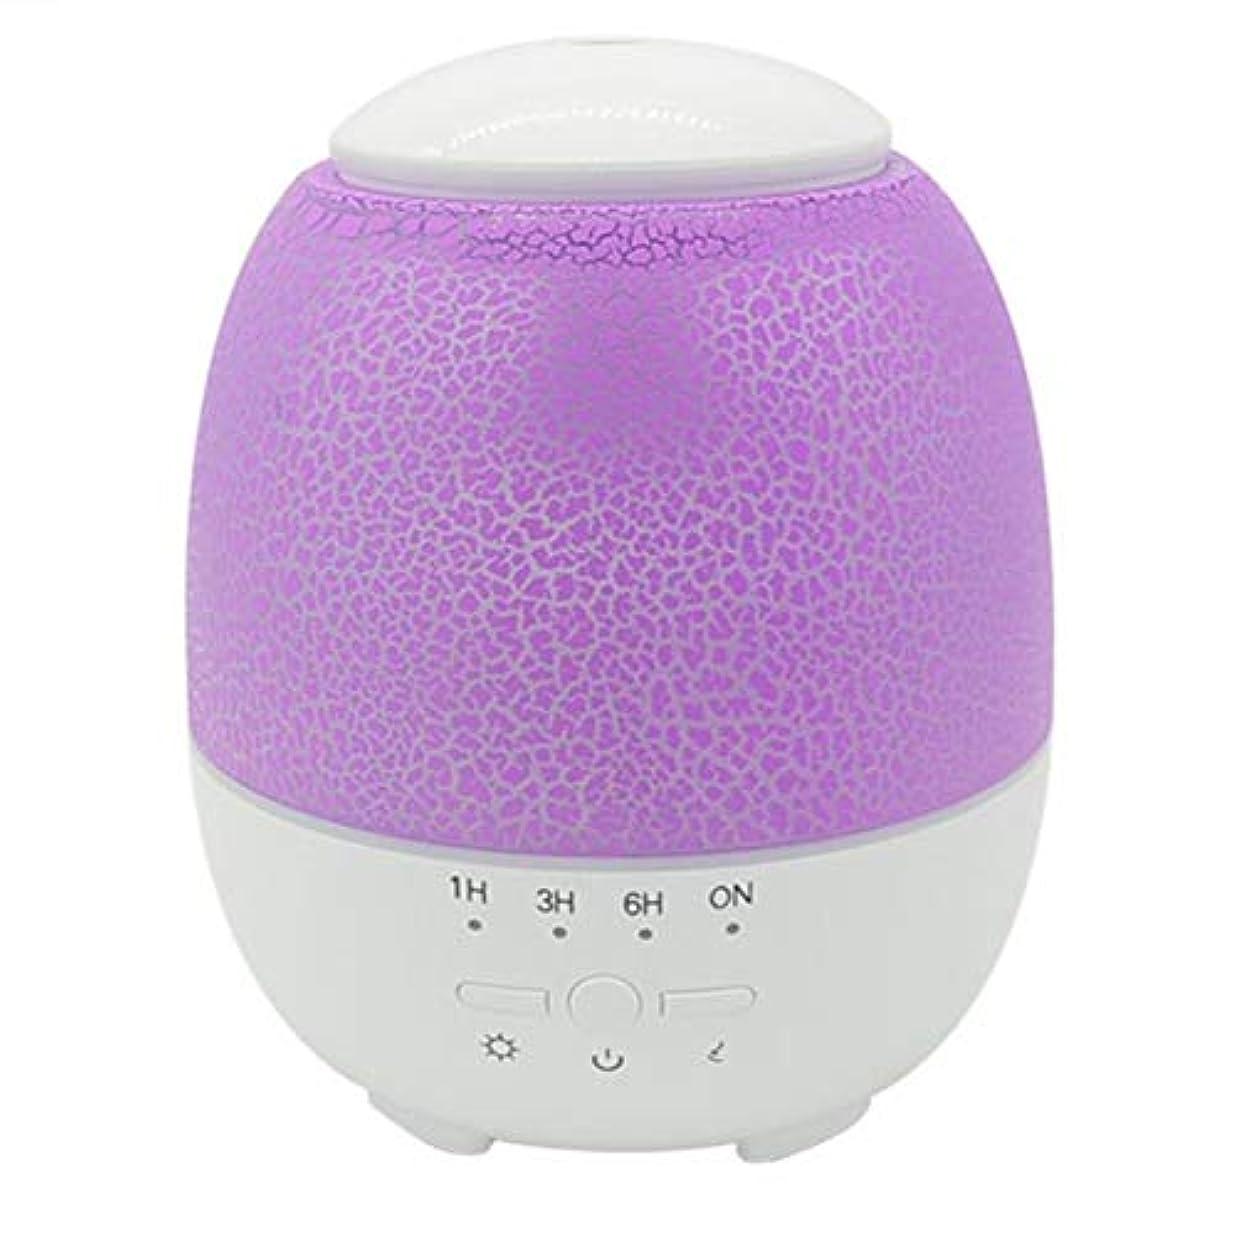 受動的バスト艶超音波式 亀裂 大容量 加湿器,涼しい霧 時間 7 色 加湿機 香り 精油 ディフューザー Yoga ベッド 幼児 オフィス-紫の